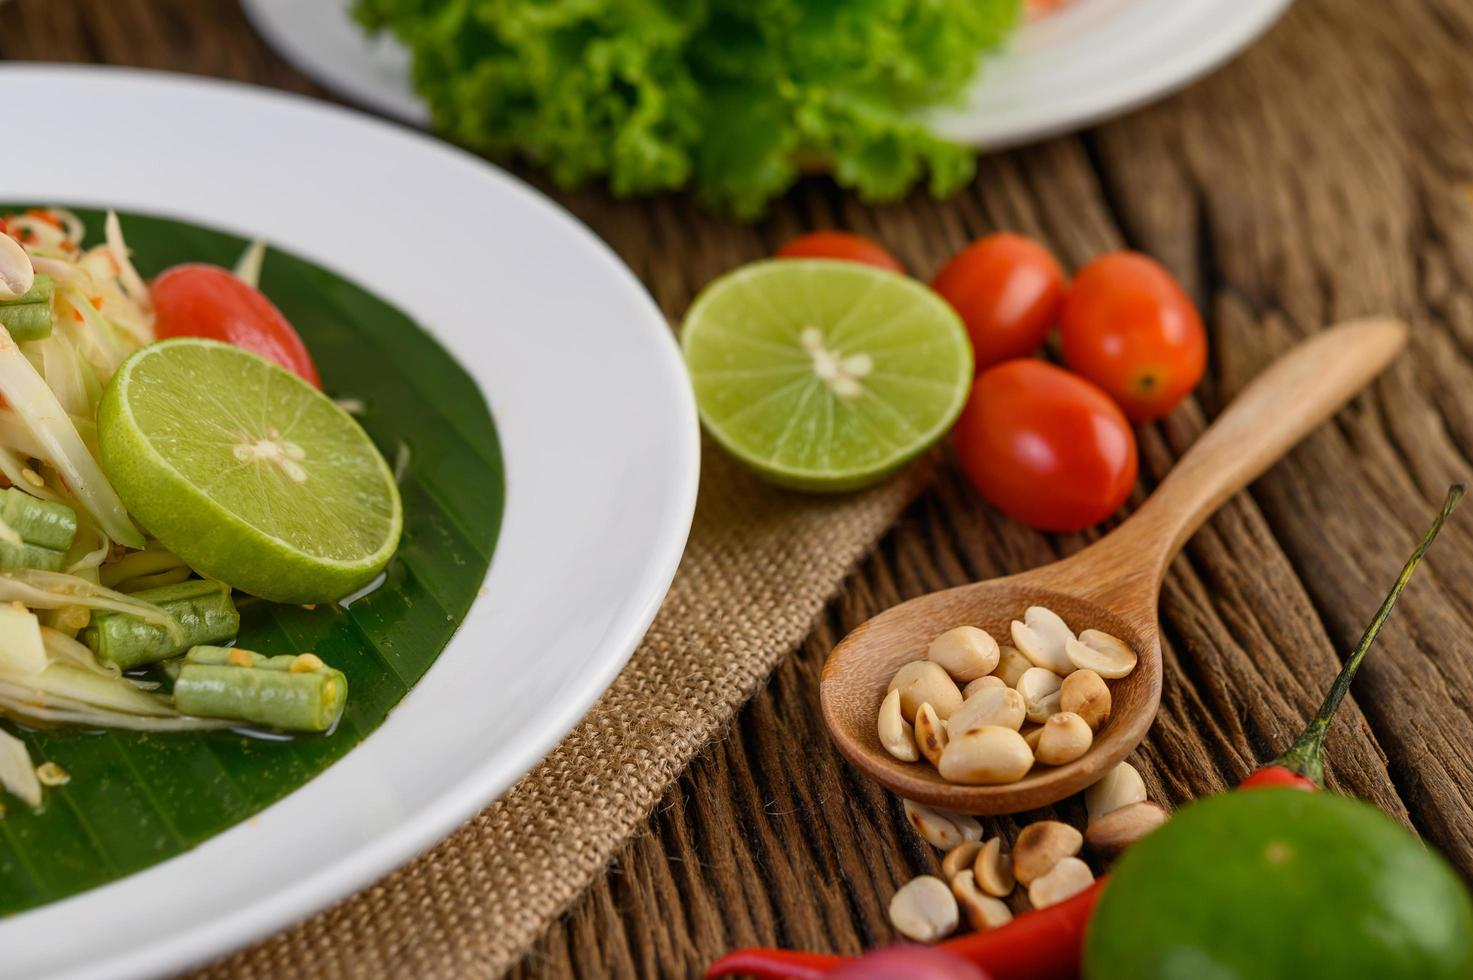 Pittig eten in Thaise stijl met knoflook, citroen, pinda's, tomaten en sjalotten foto